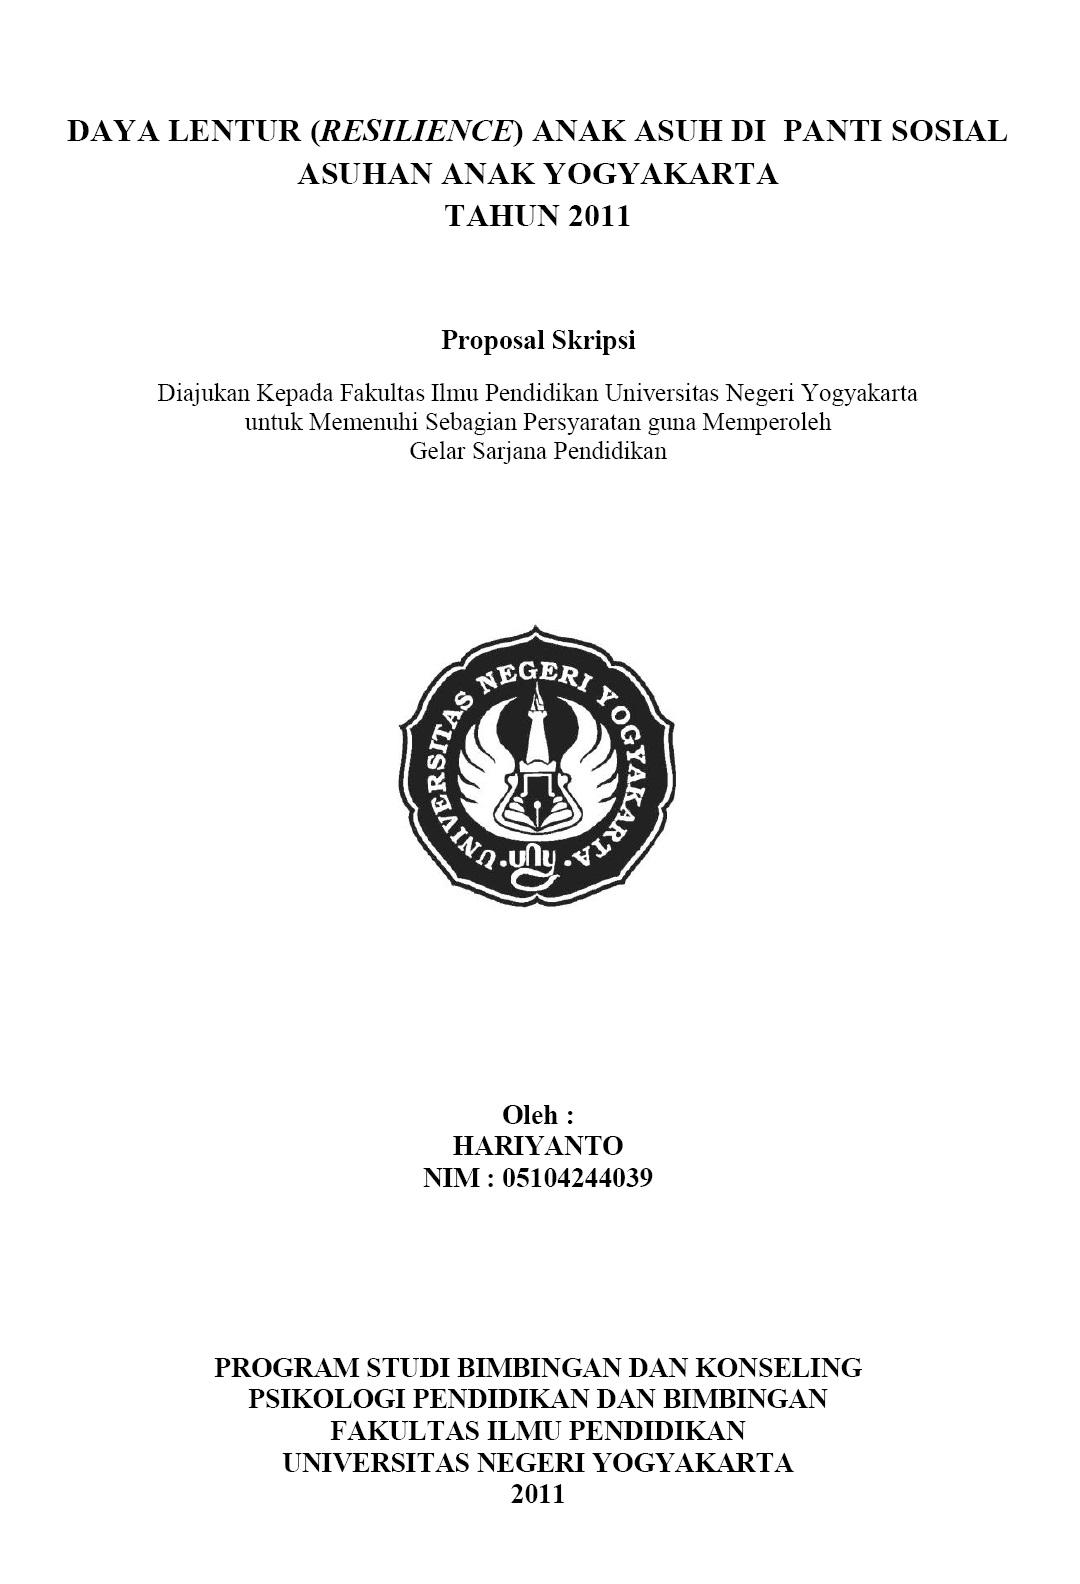 Proposal Skripsi Biasanya Berapa Halaman